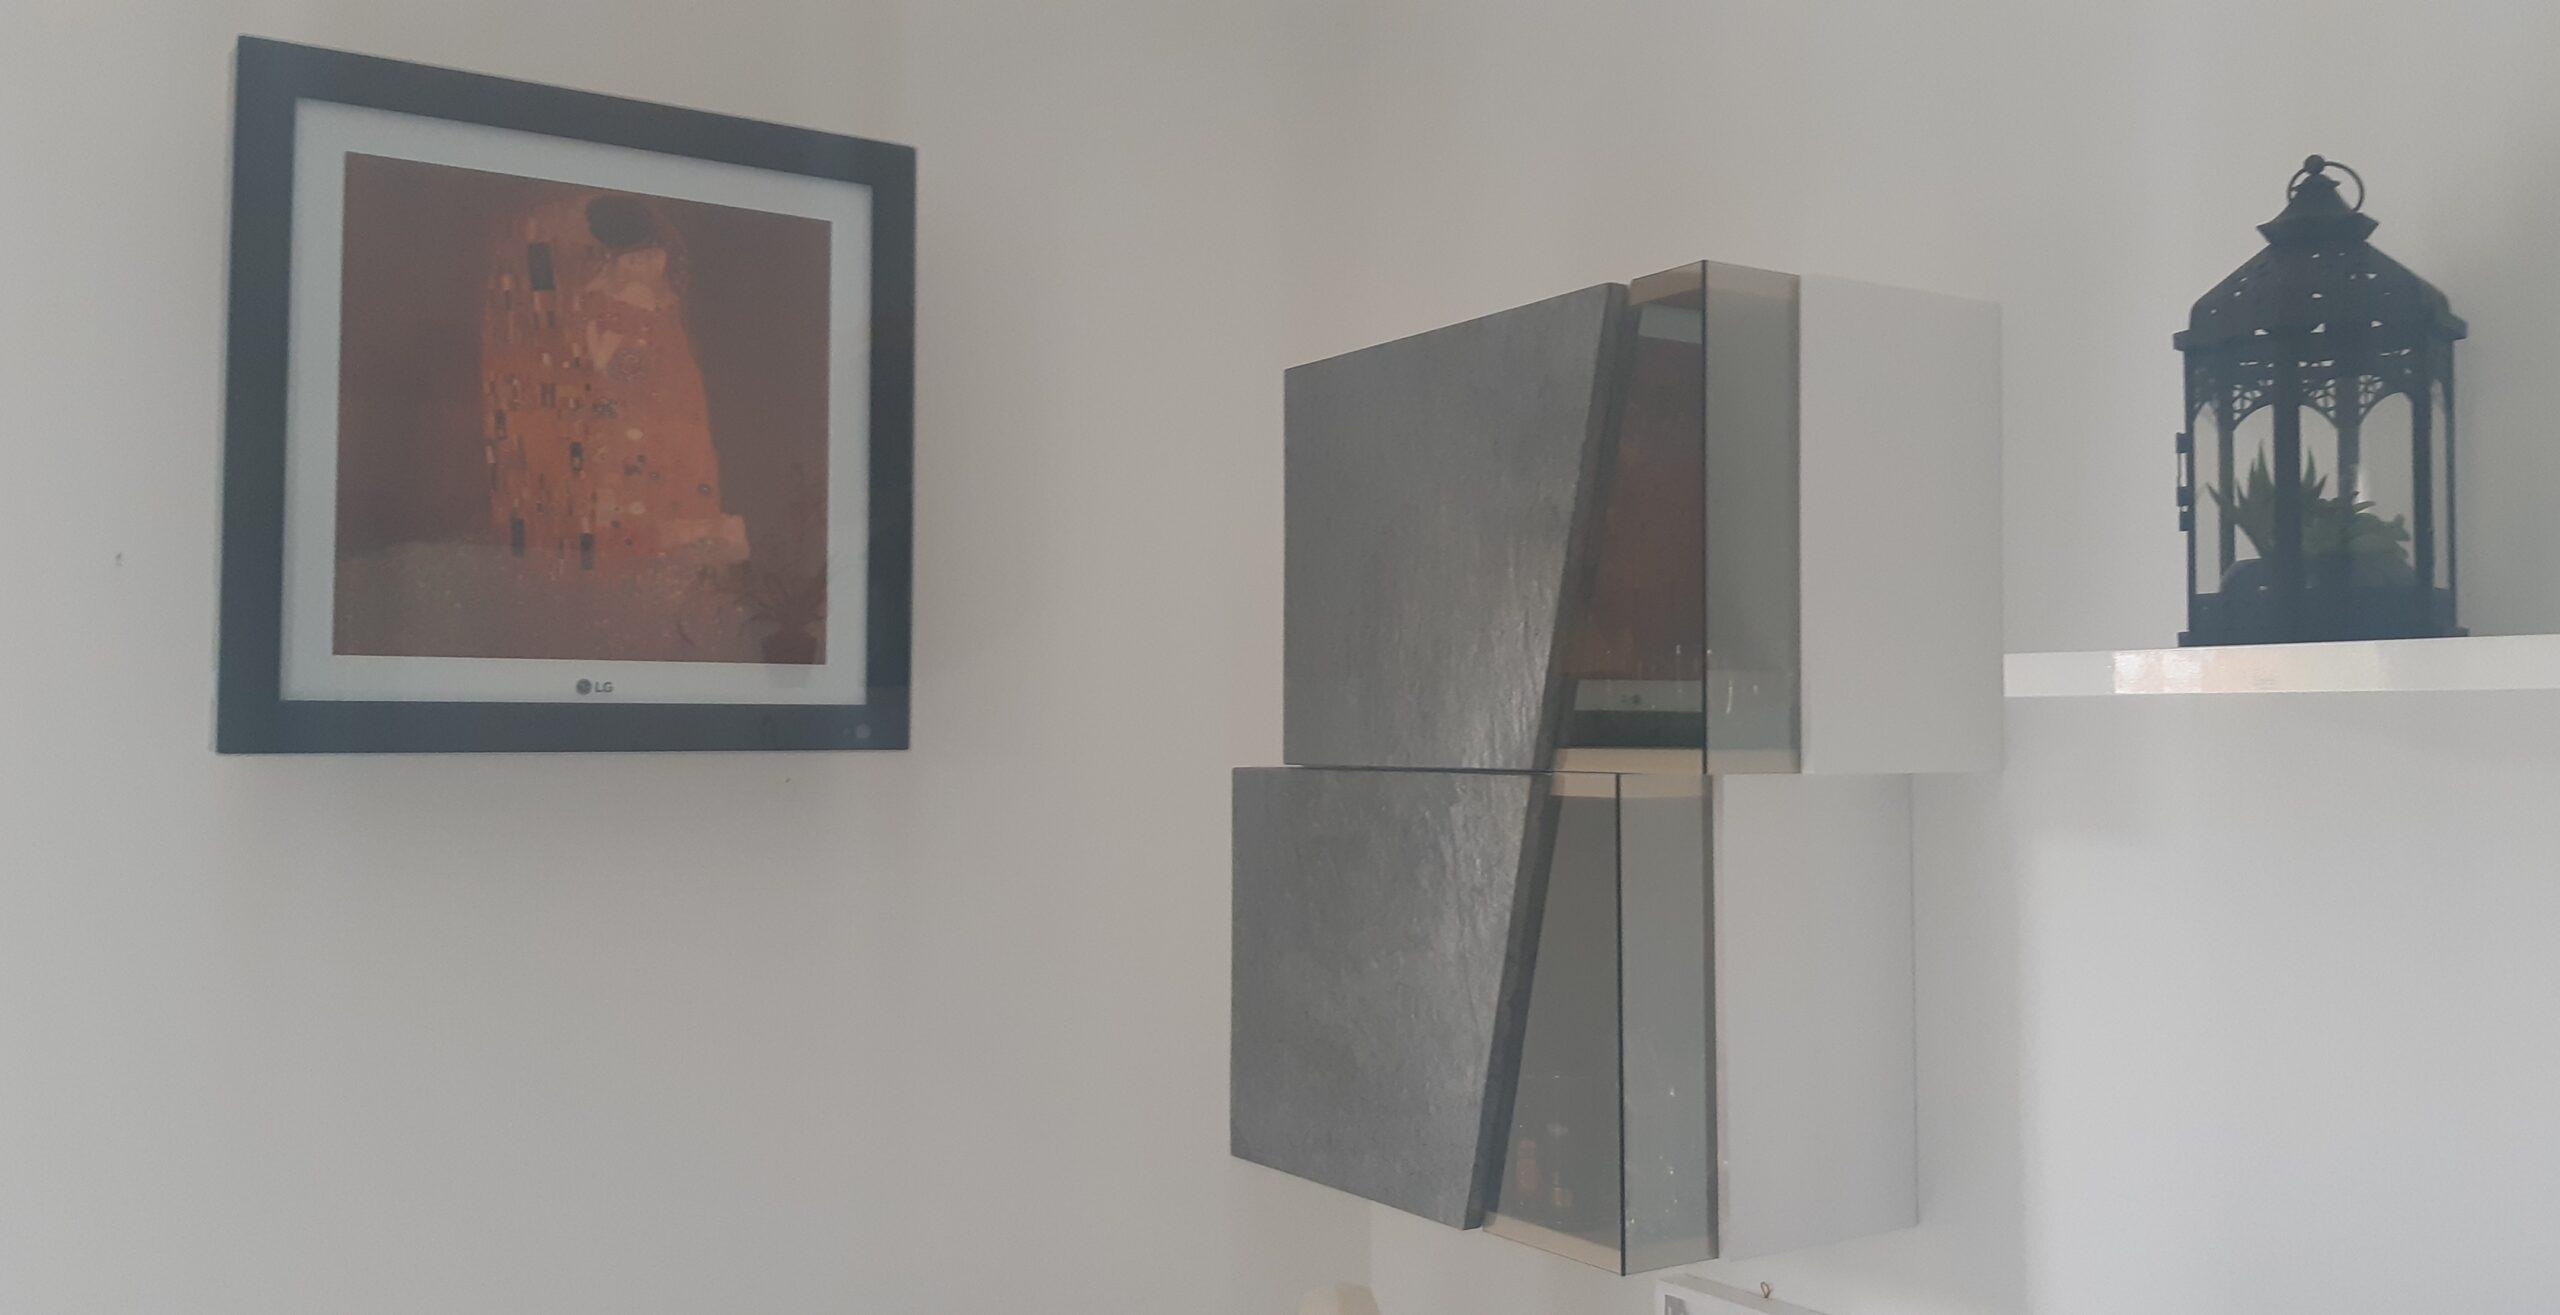 Climatizzatore-LG Artcool Gallery-Punto Service climatizzatori Brescia